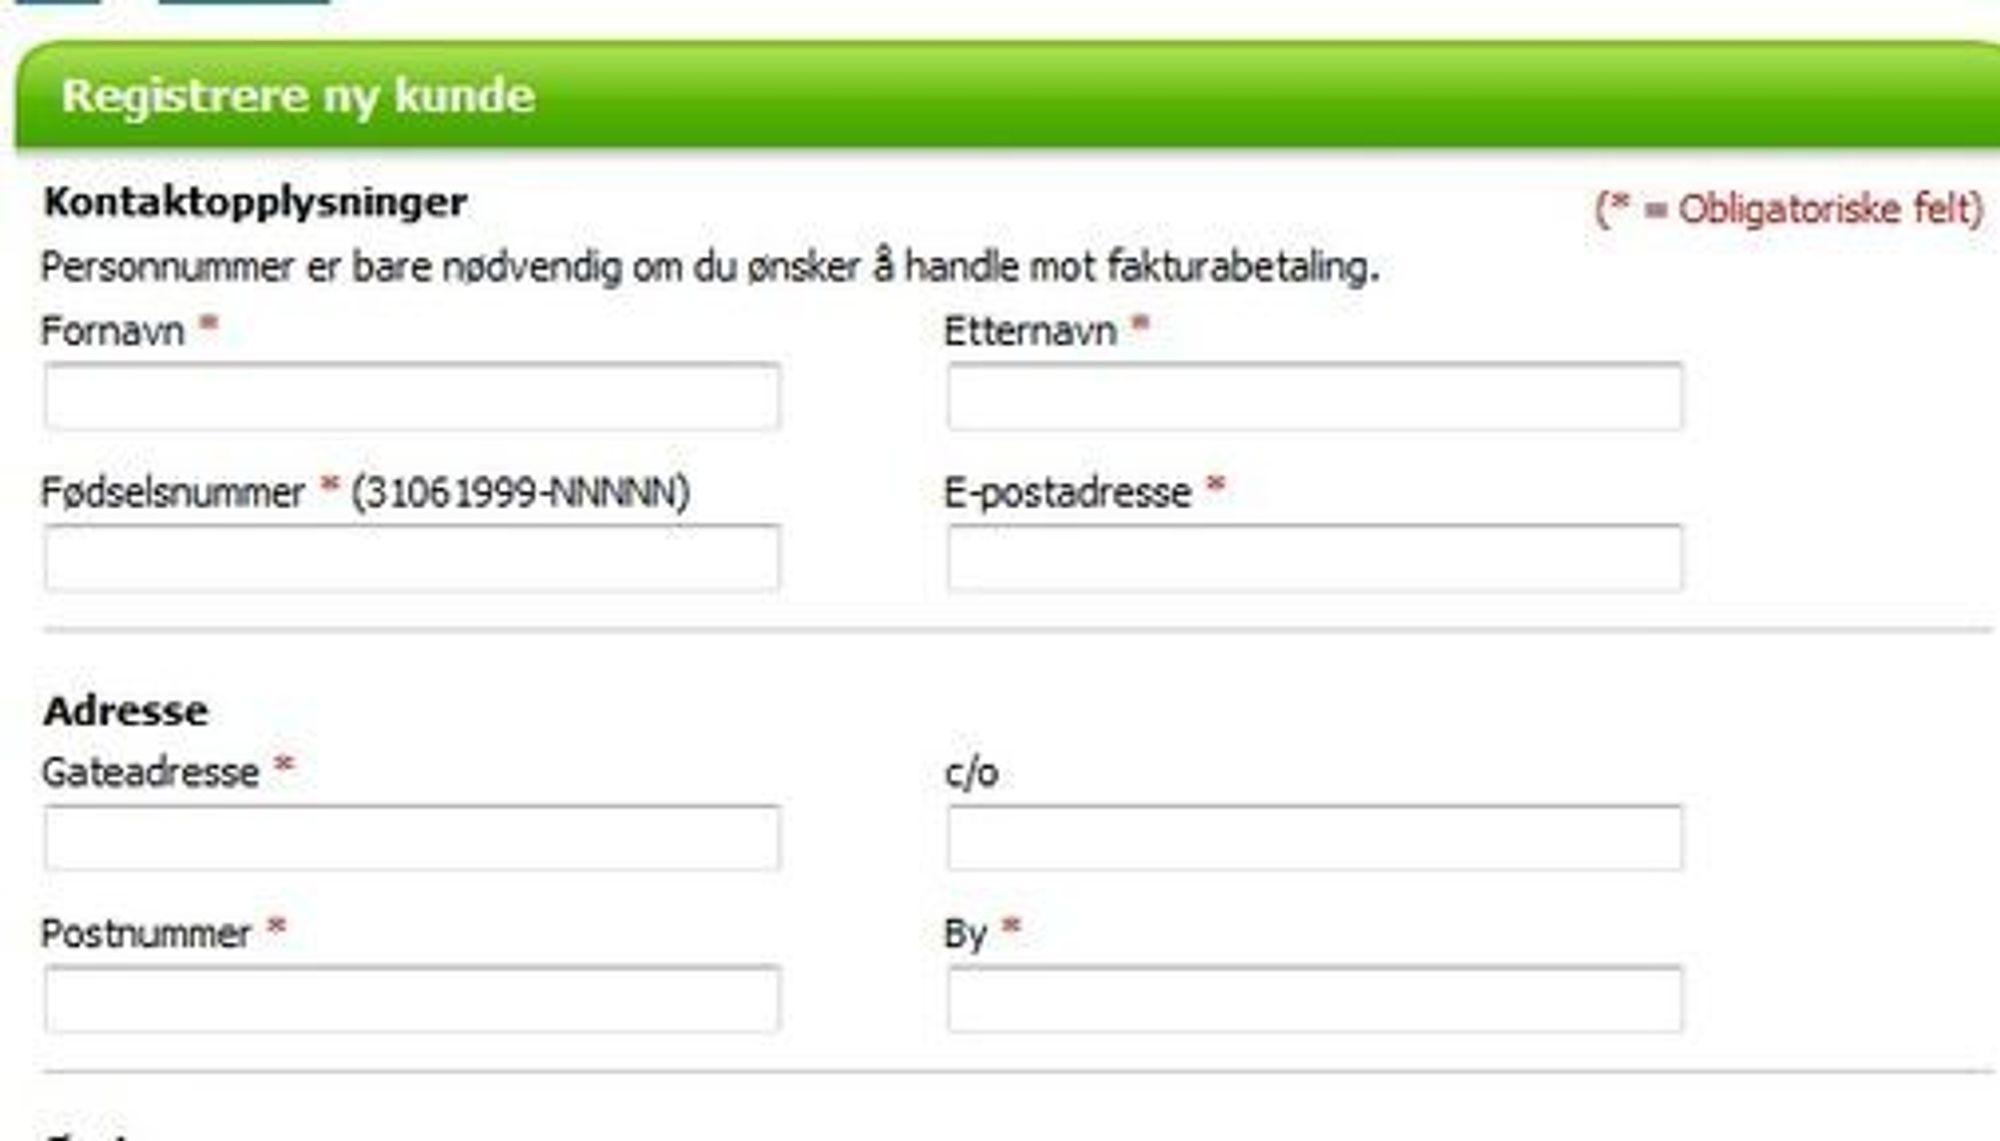 Eksempel på at kjent nettbutikk rette mot norske kunder krever fødselsnummer ved fakturabetaling.